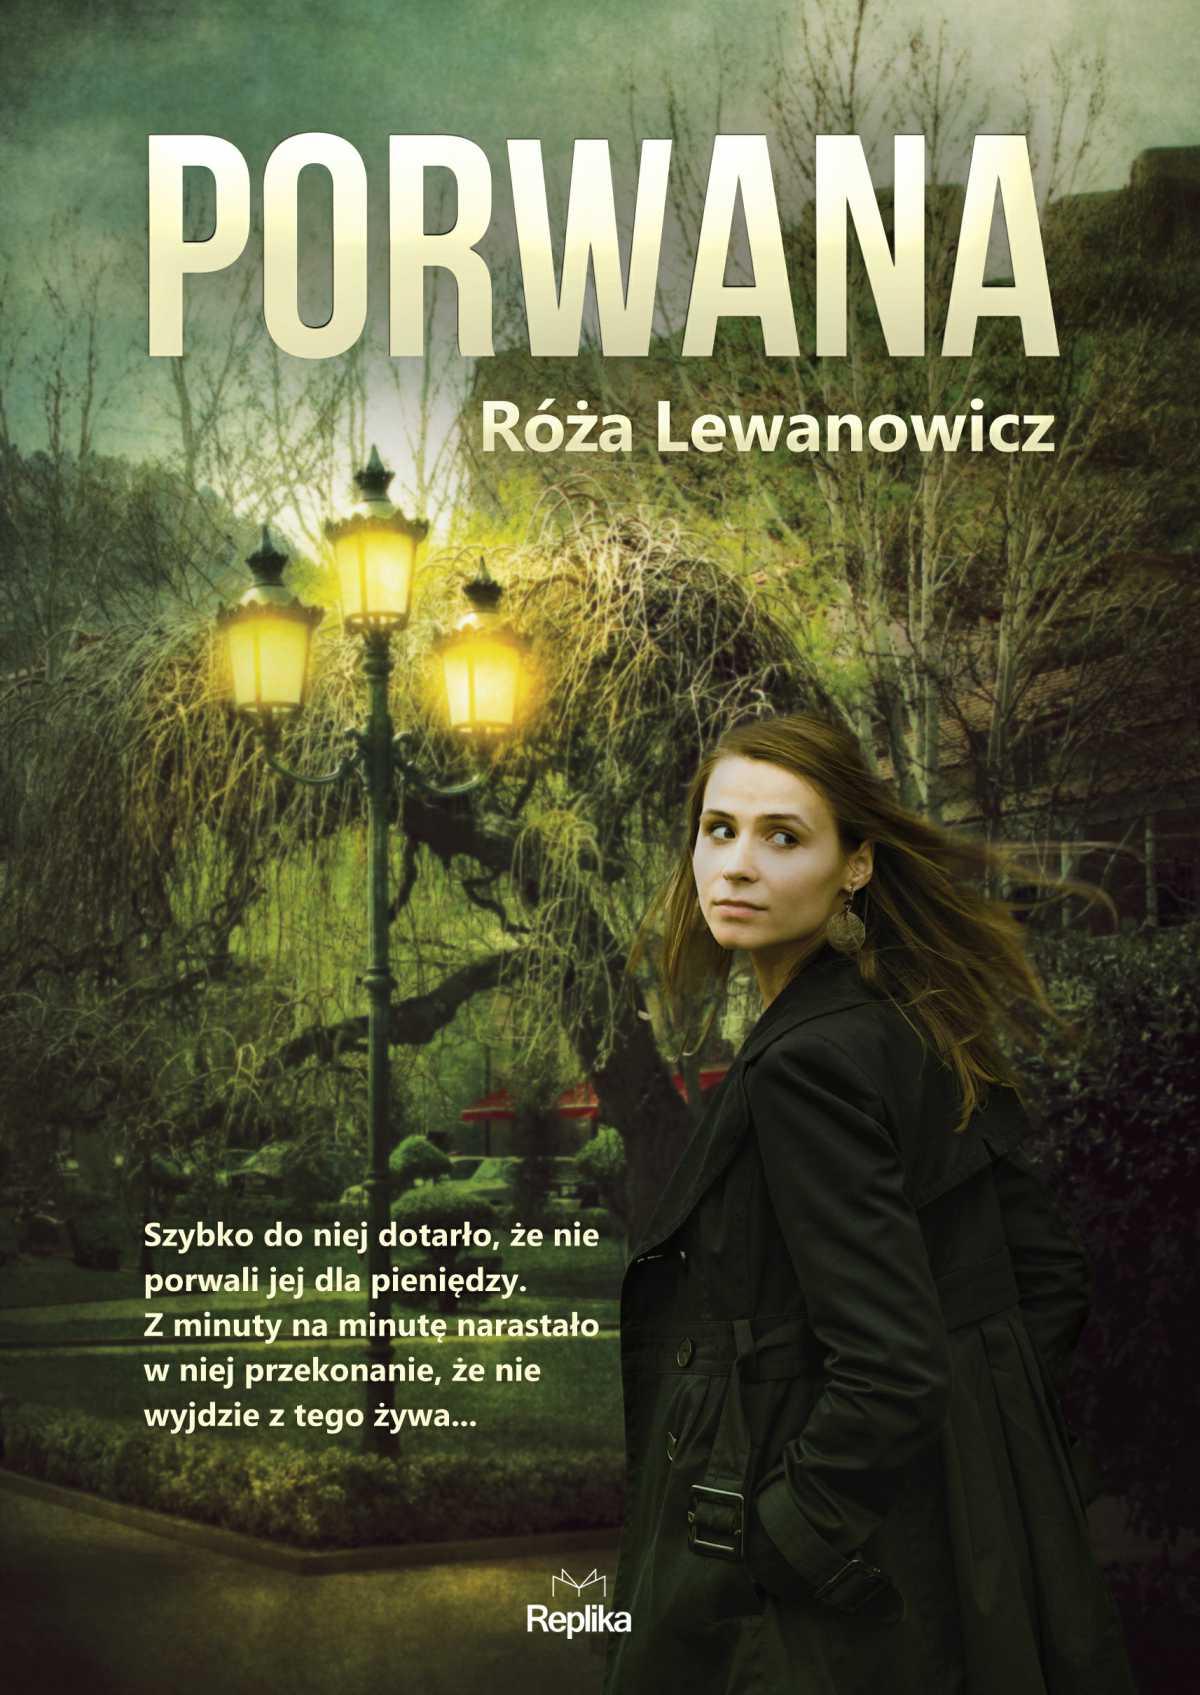 Porwana - Ebook (Książka EPUB) do pobrania w formacie EPUB